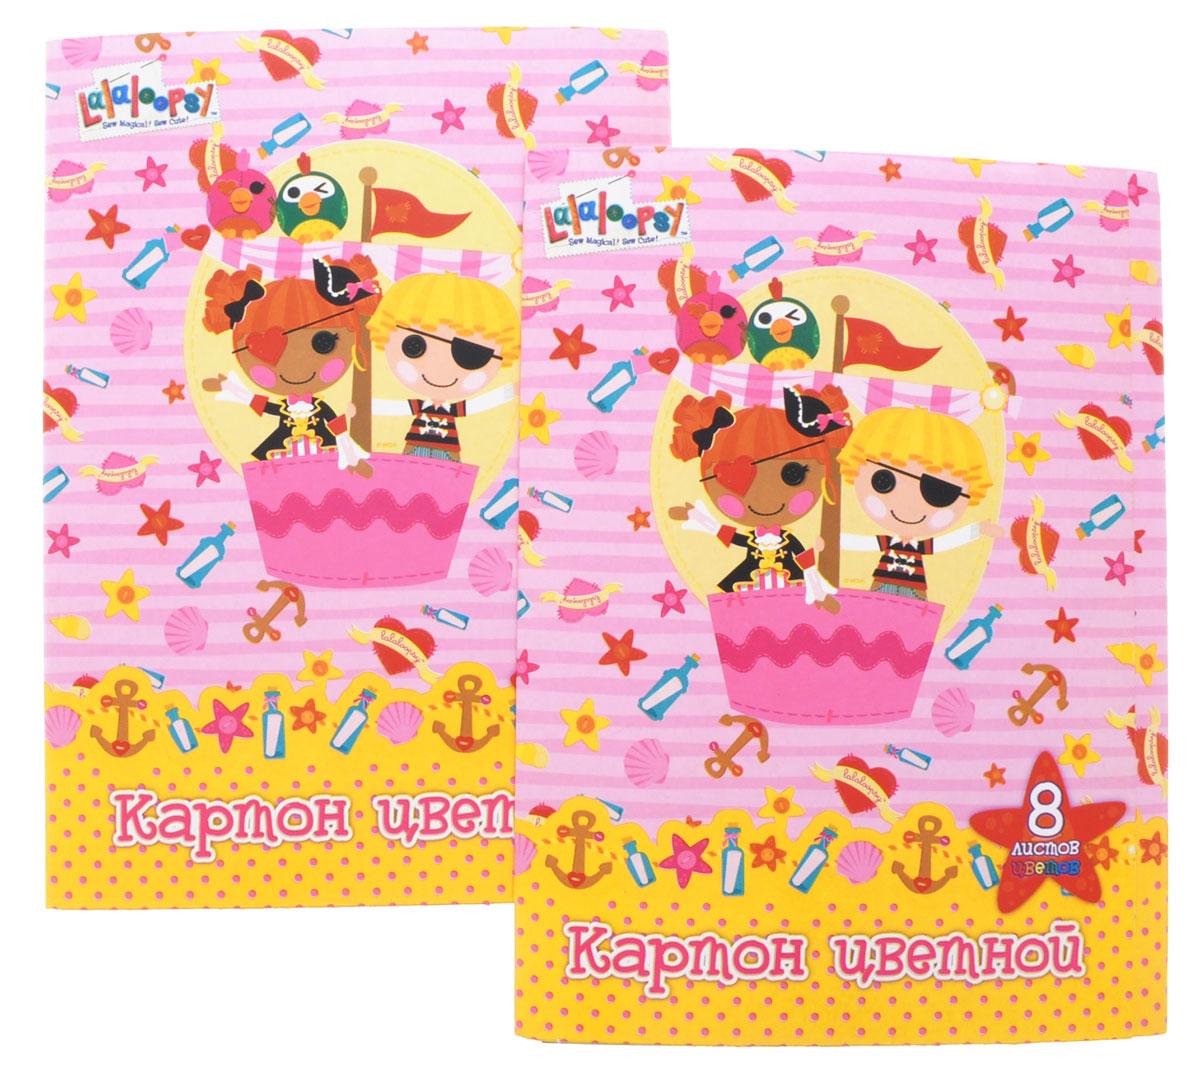 Action! Набор цветного картона Lalaloopsy 8 листов цвет розовый 2 штLL-CC-8/8Набор цветного картона Action! Lalaloopsy позволит создавать всевозможные аппликации и поделки. Набор упакован в картонную папку с изображением персонажей мультфильма Лалалупси. Создание поделок из цветного картона позволяет ребенку развивать творческие способности, кроме того, это увлекательный досуг. Одна папка содержит 8 листов цветного картона. Цвета: красный, желтый, синий, оранжевый, коричневый, черный, зеленый, белый. В набор входят две папки. Уважаемые клиенты! Обращаем ваше внимание на возможные изменения в дизайне, связанные с ассортиментом продукции: дизайн может отличаться от представленного на изображении. Поставка осуществляется в зависимости от наличия на складе.